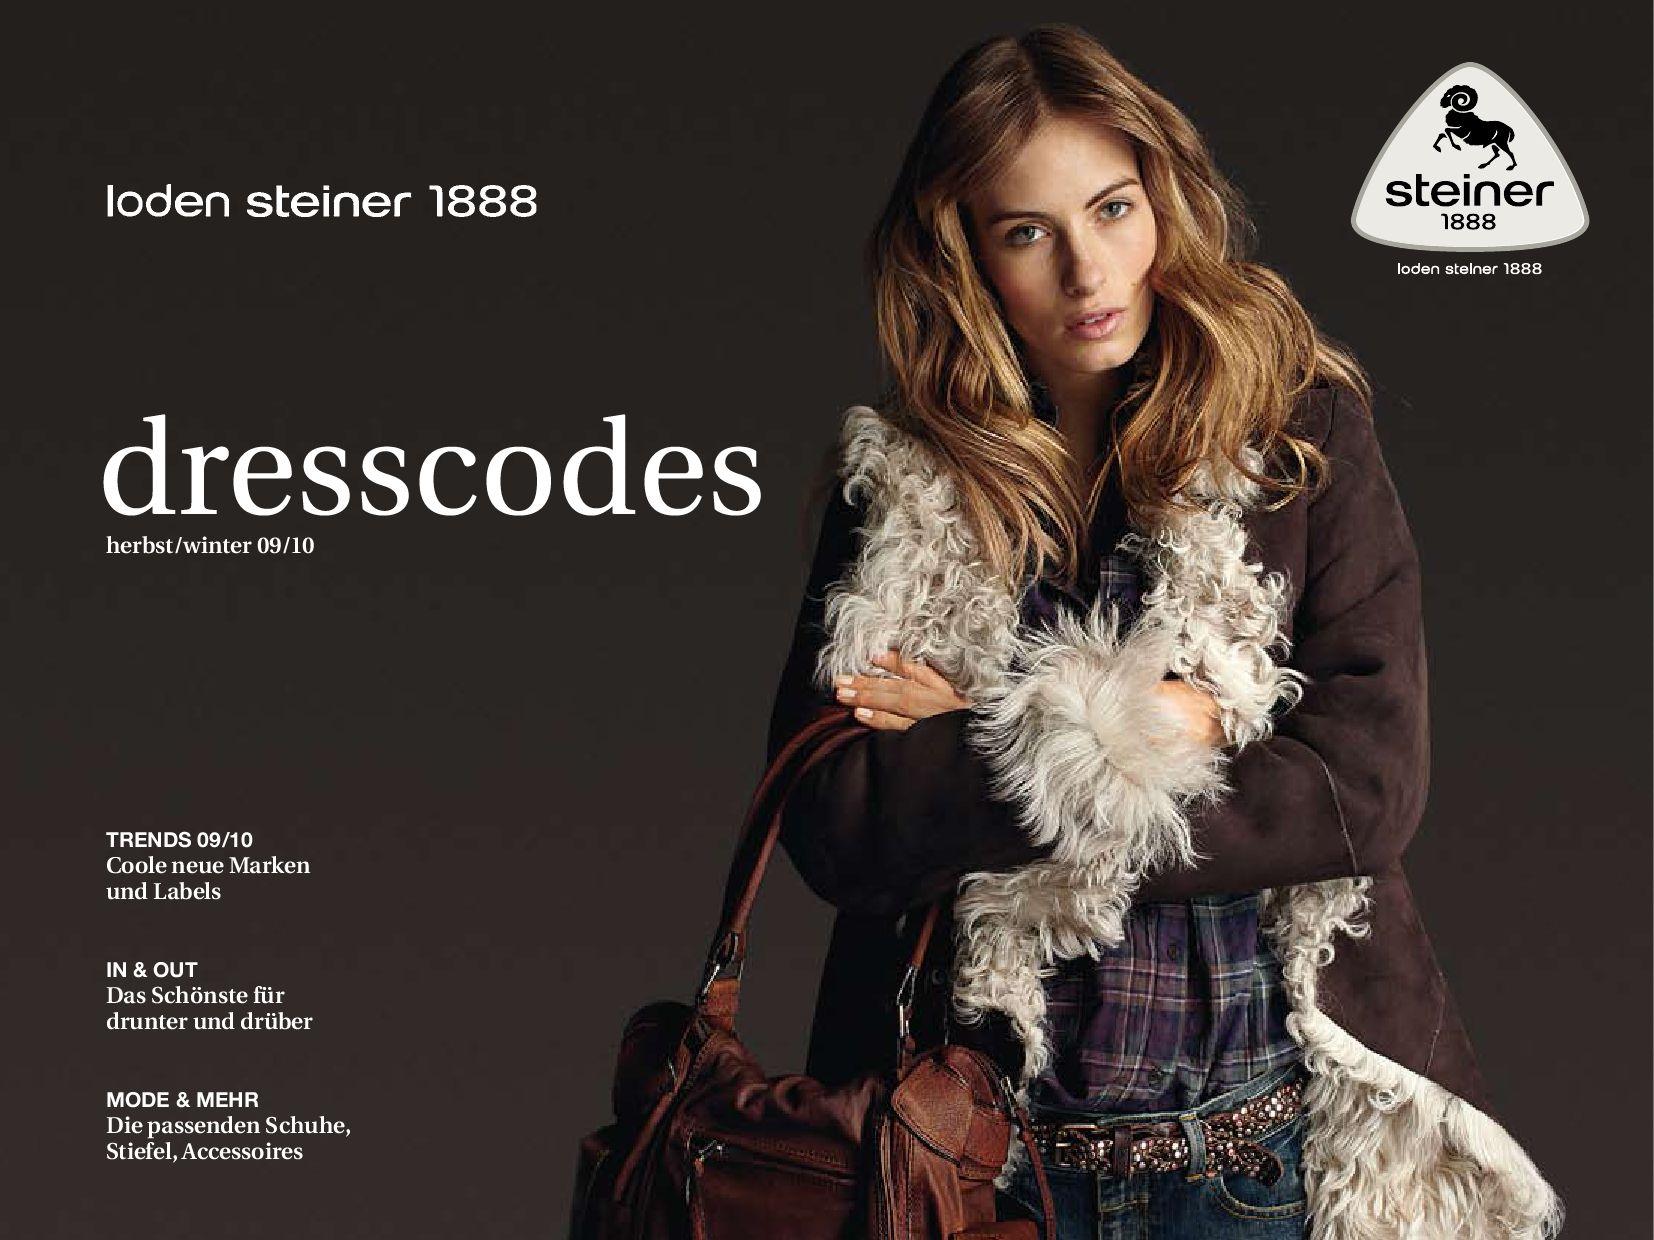 Dresscodes Issuu 0910 By Steiner1888 Atomicboy qpzUVMS